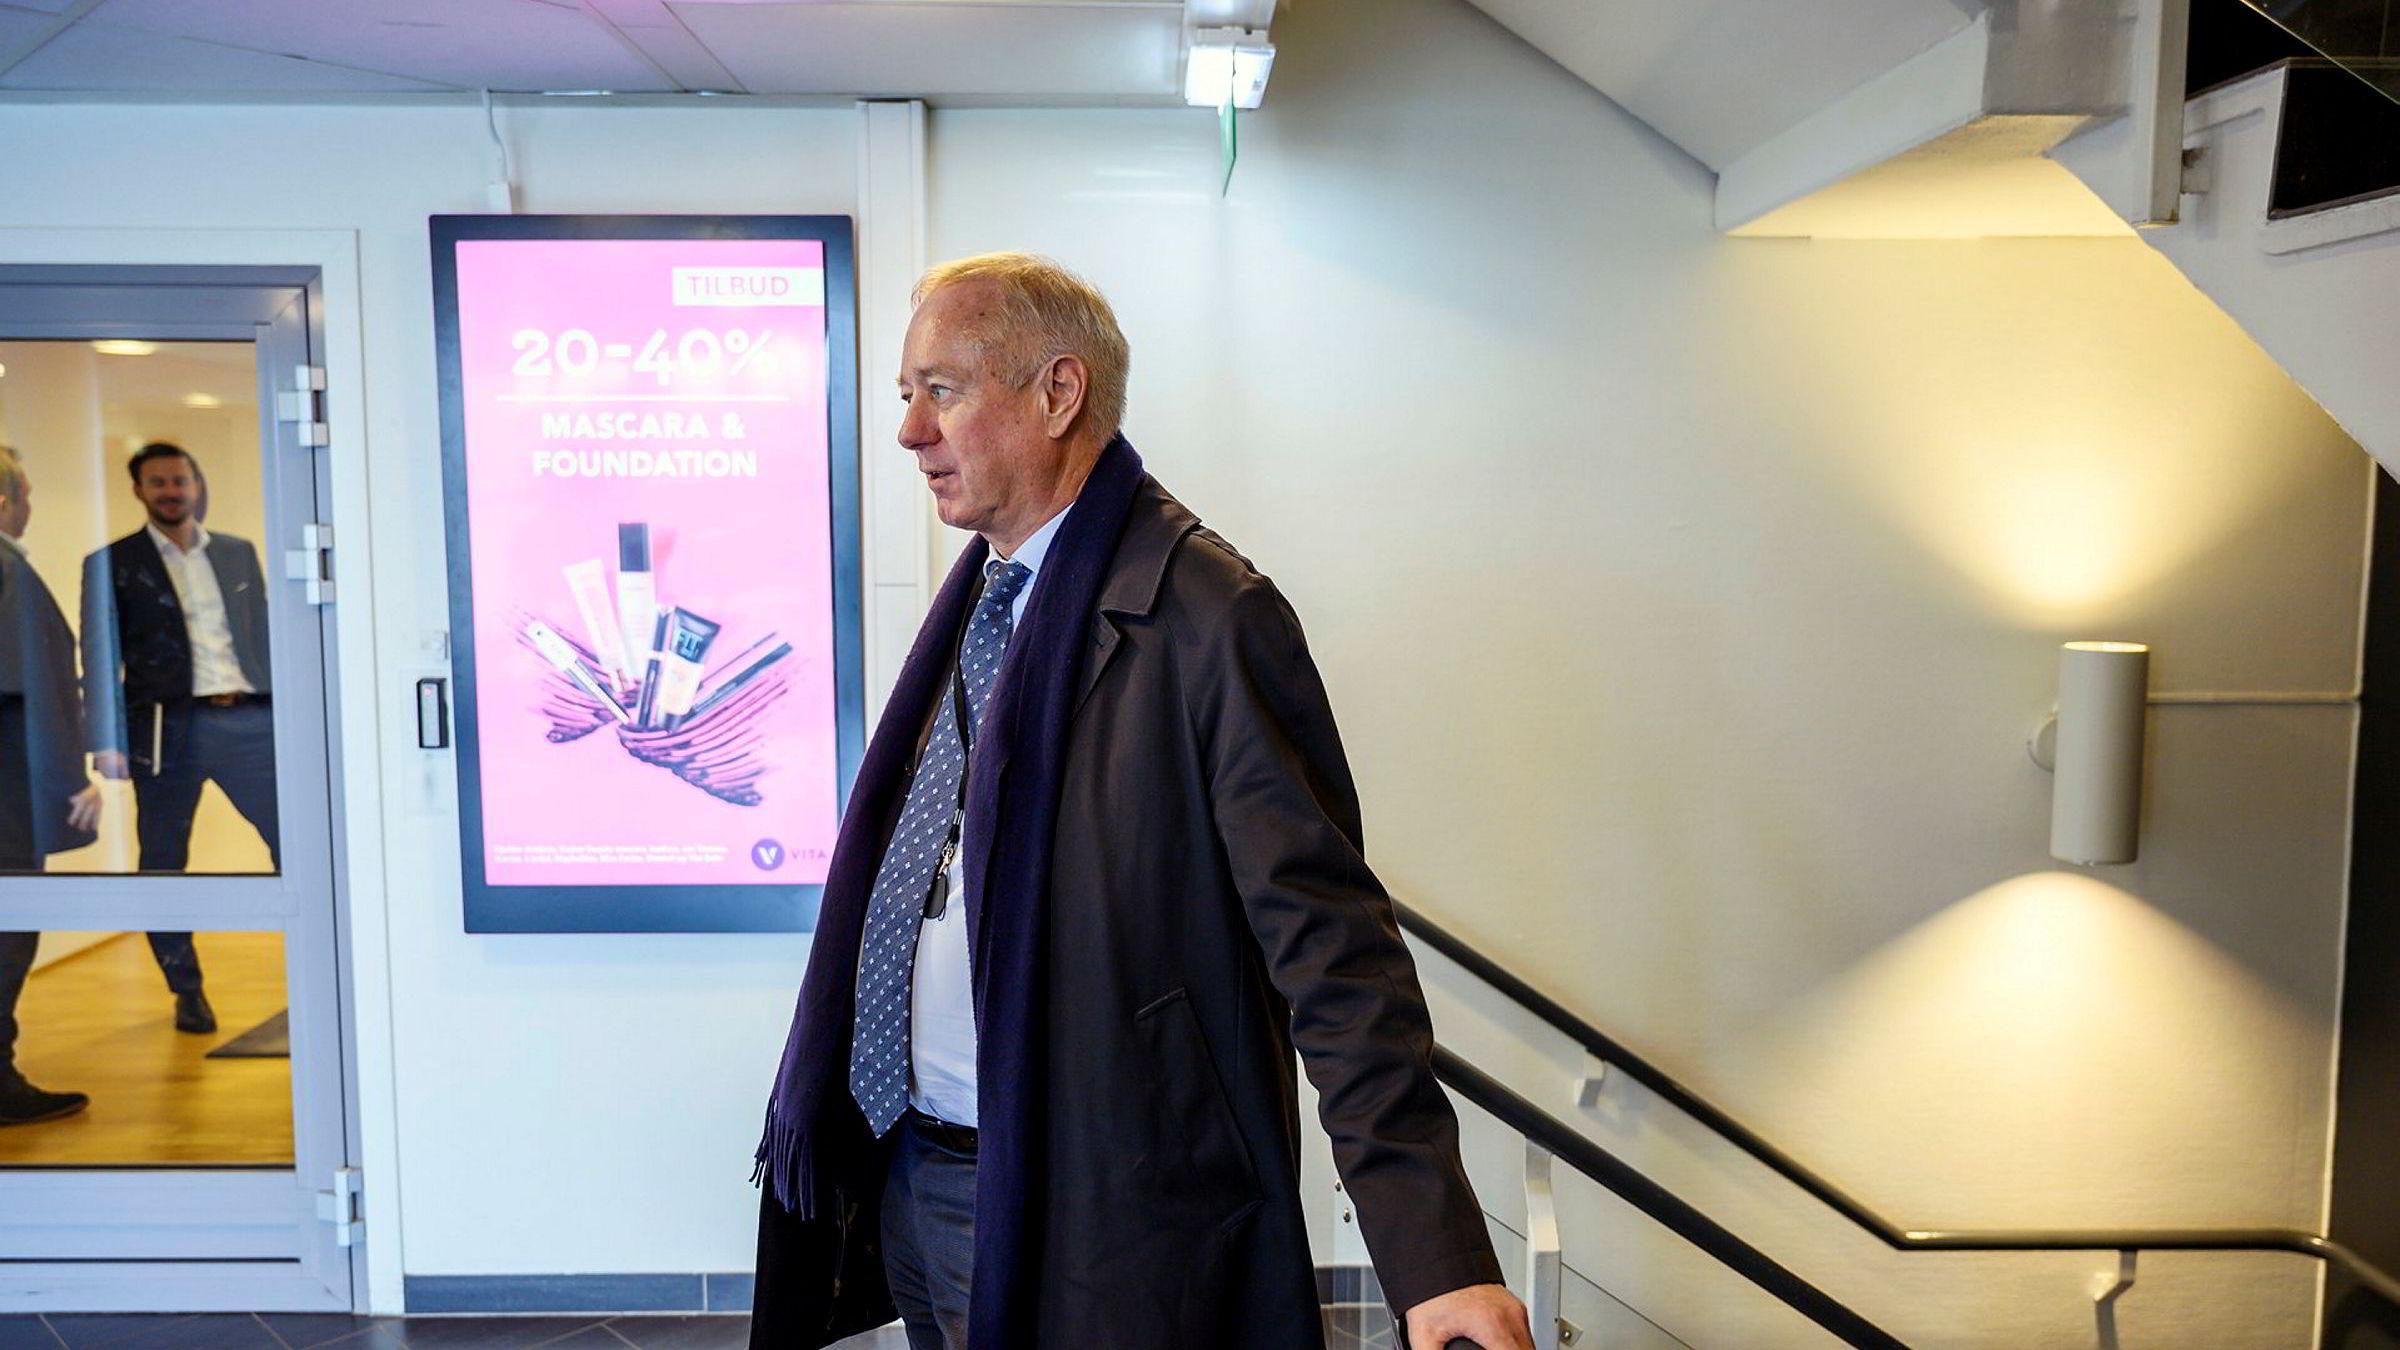 Bostyrer Tom Hugo Ottesen på vei inn i hovedkontoret til Vita-eieren Cosmetic Group. Konkursbegjæringen slo ned som en bombe mandag morgen.